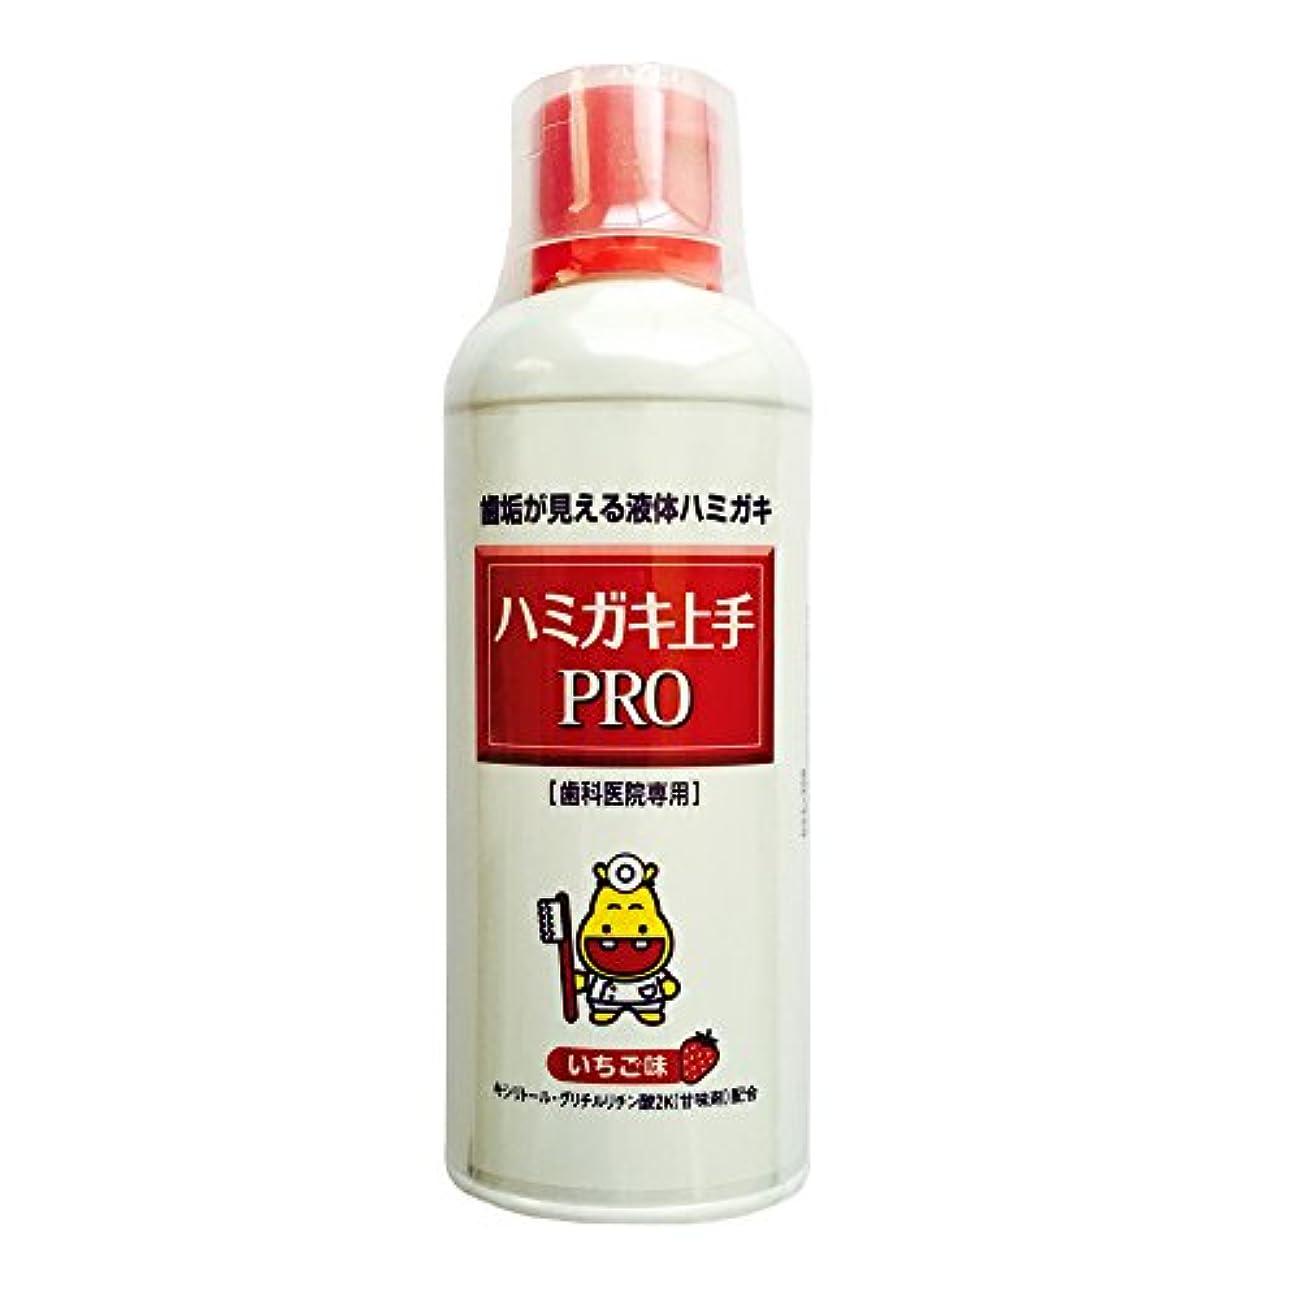 浸透する阻害するモバイル松風 ハミガキ上手PRO いちご味 180ml 1本